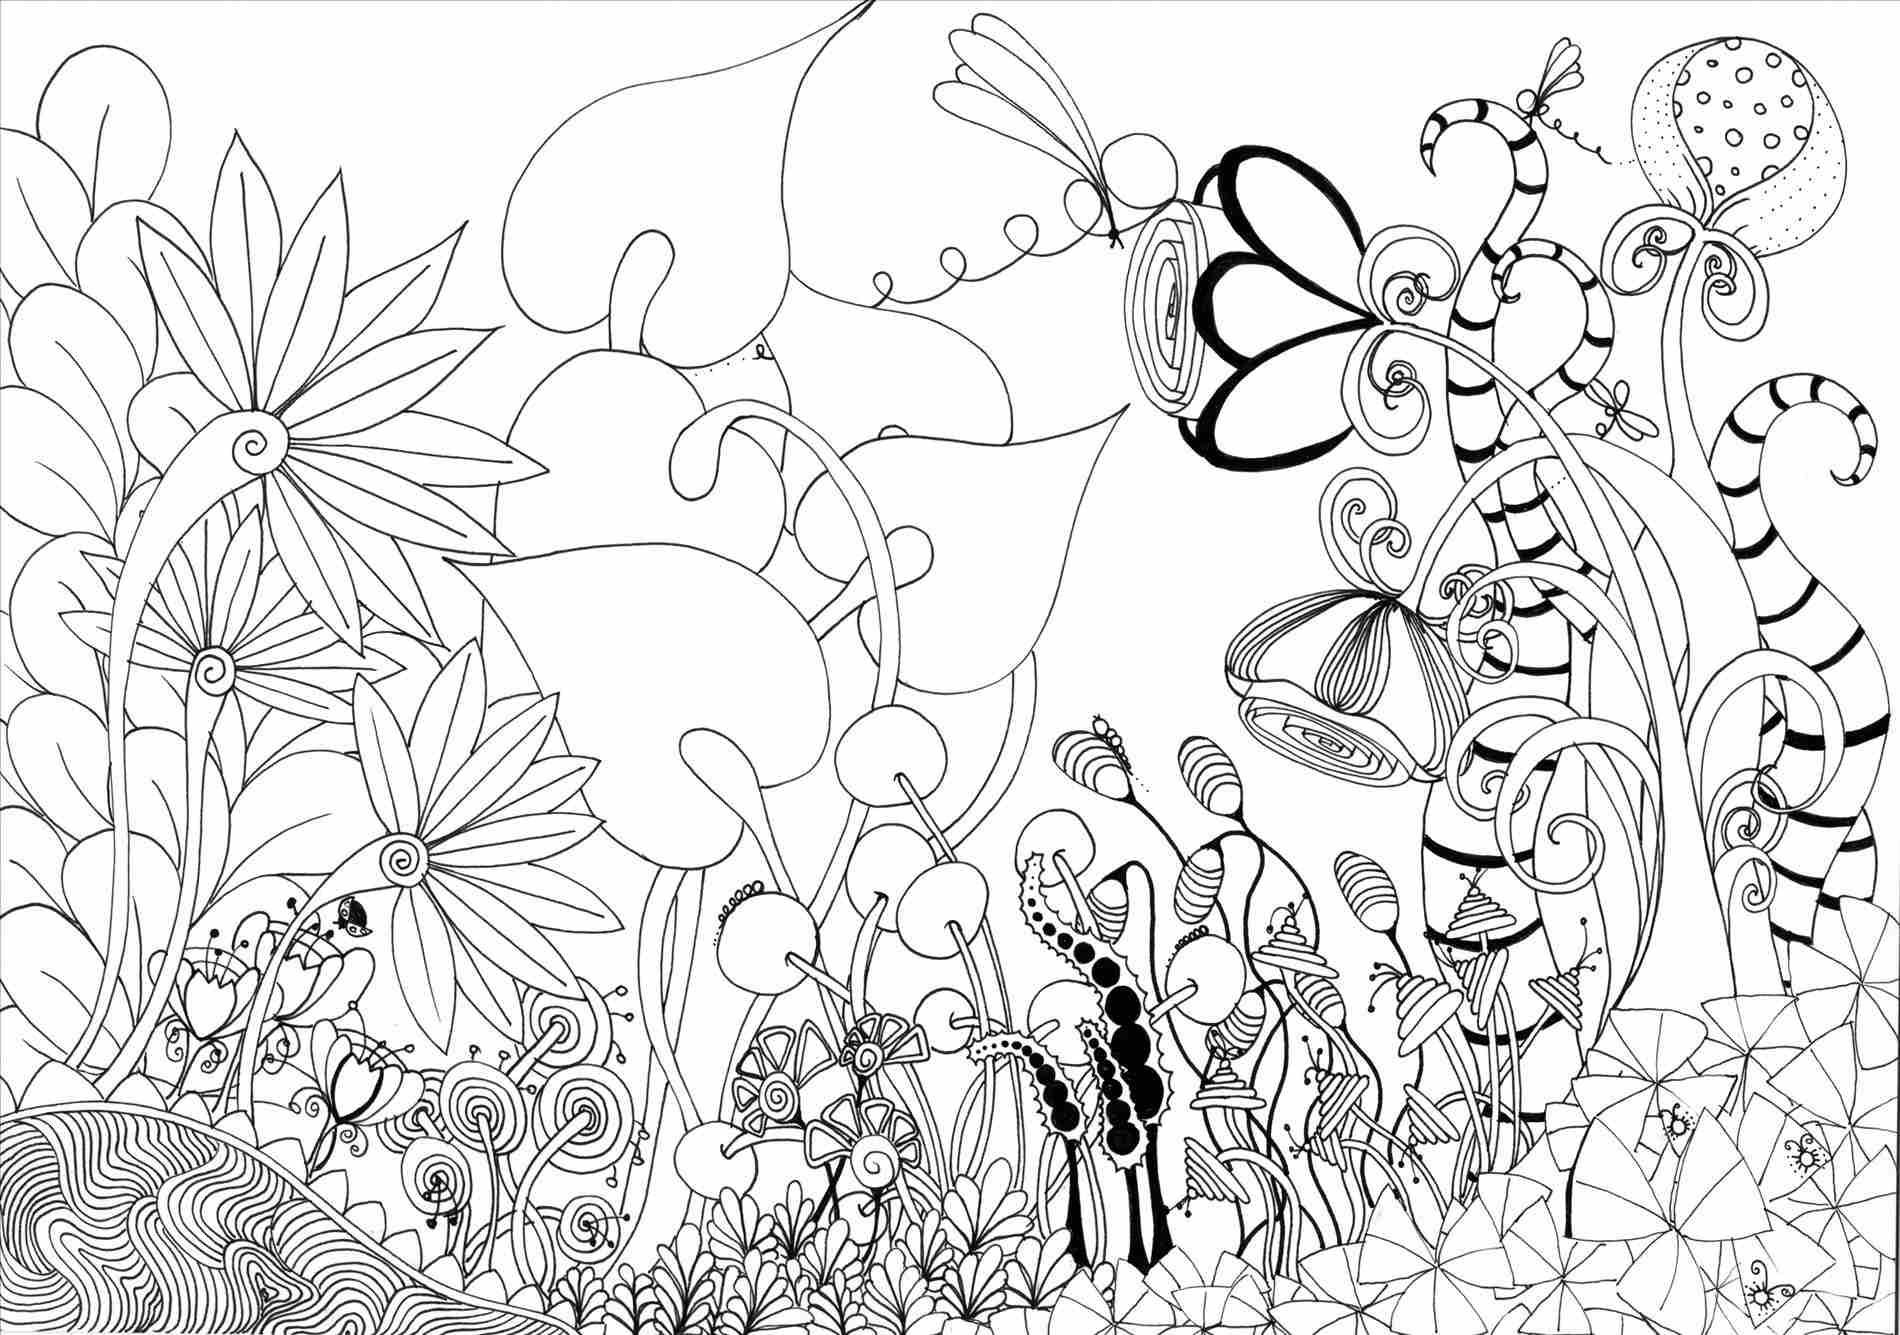 1900x1335 Pencil Flower Garden Drawing Of Sketch Original X Print Unframed